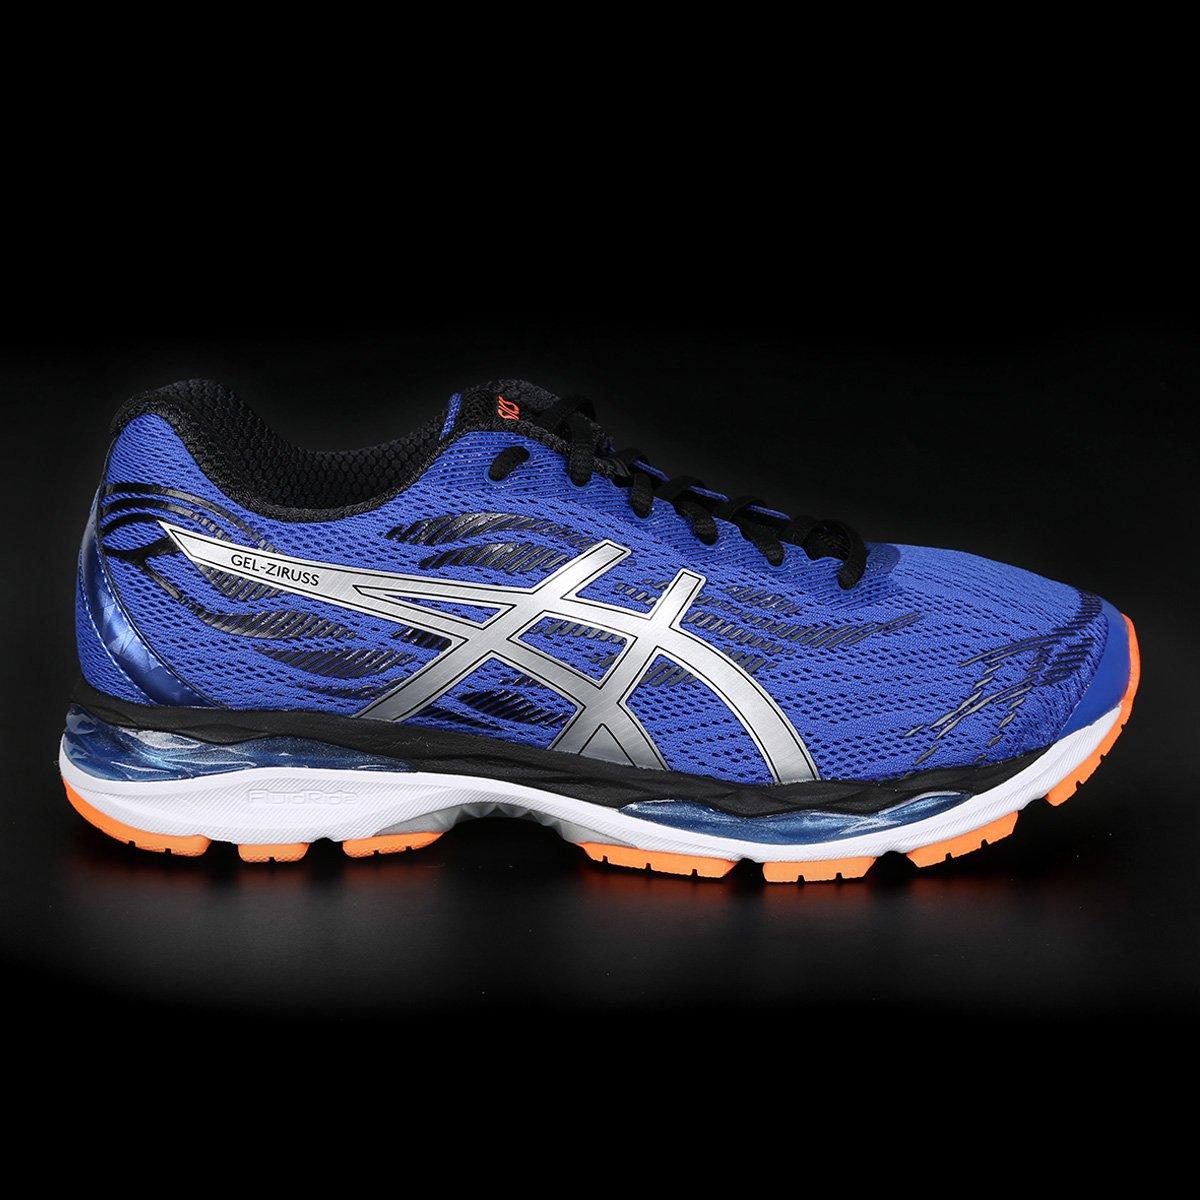 Tênis Asics Gel Ziruss Masculino - Azul e Roxo - Compre Agora  99b3940d63315